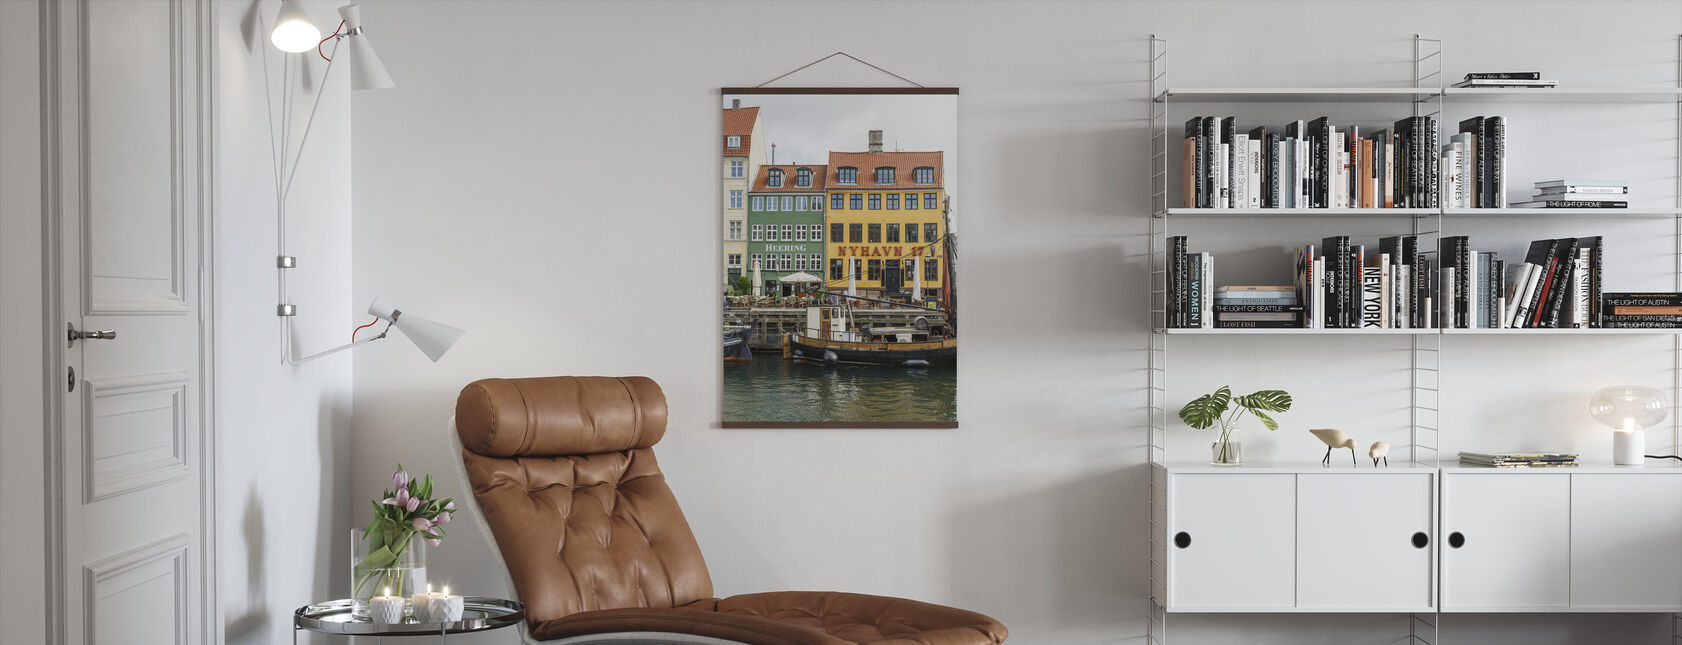 Nyhavn 17, Kopenhagen, Dänemark - Poster - Wohnzimmer